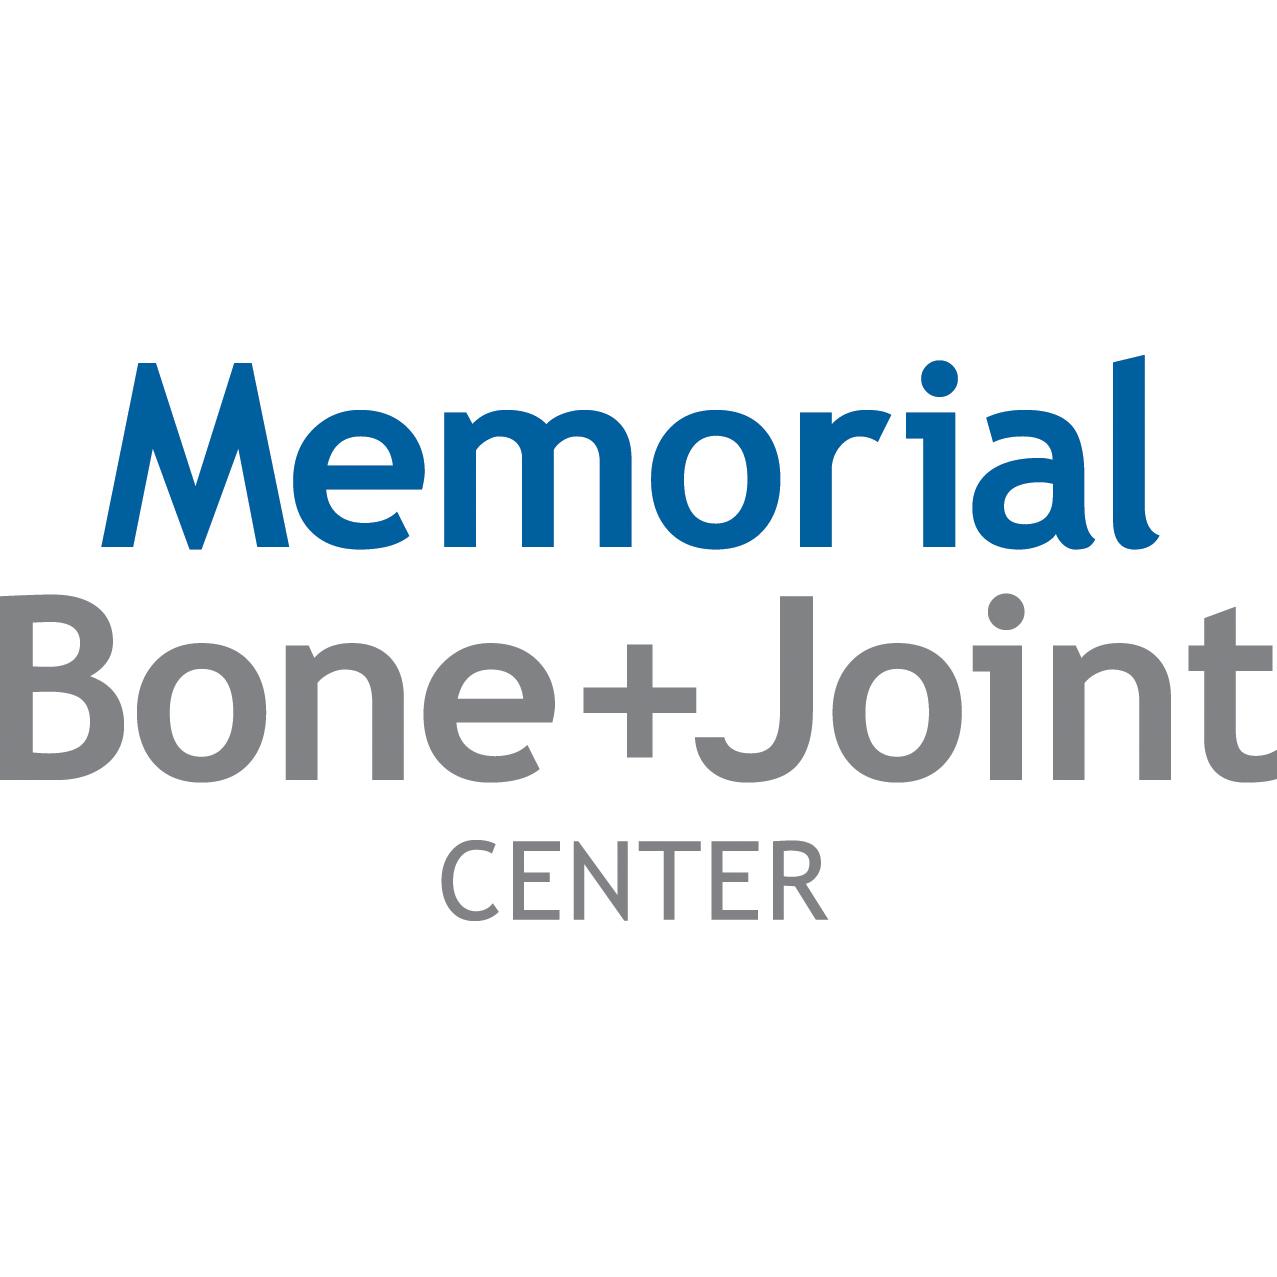 Memorial Bone + Joint Center - Physicians & Surgeons Las